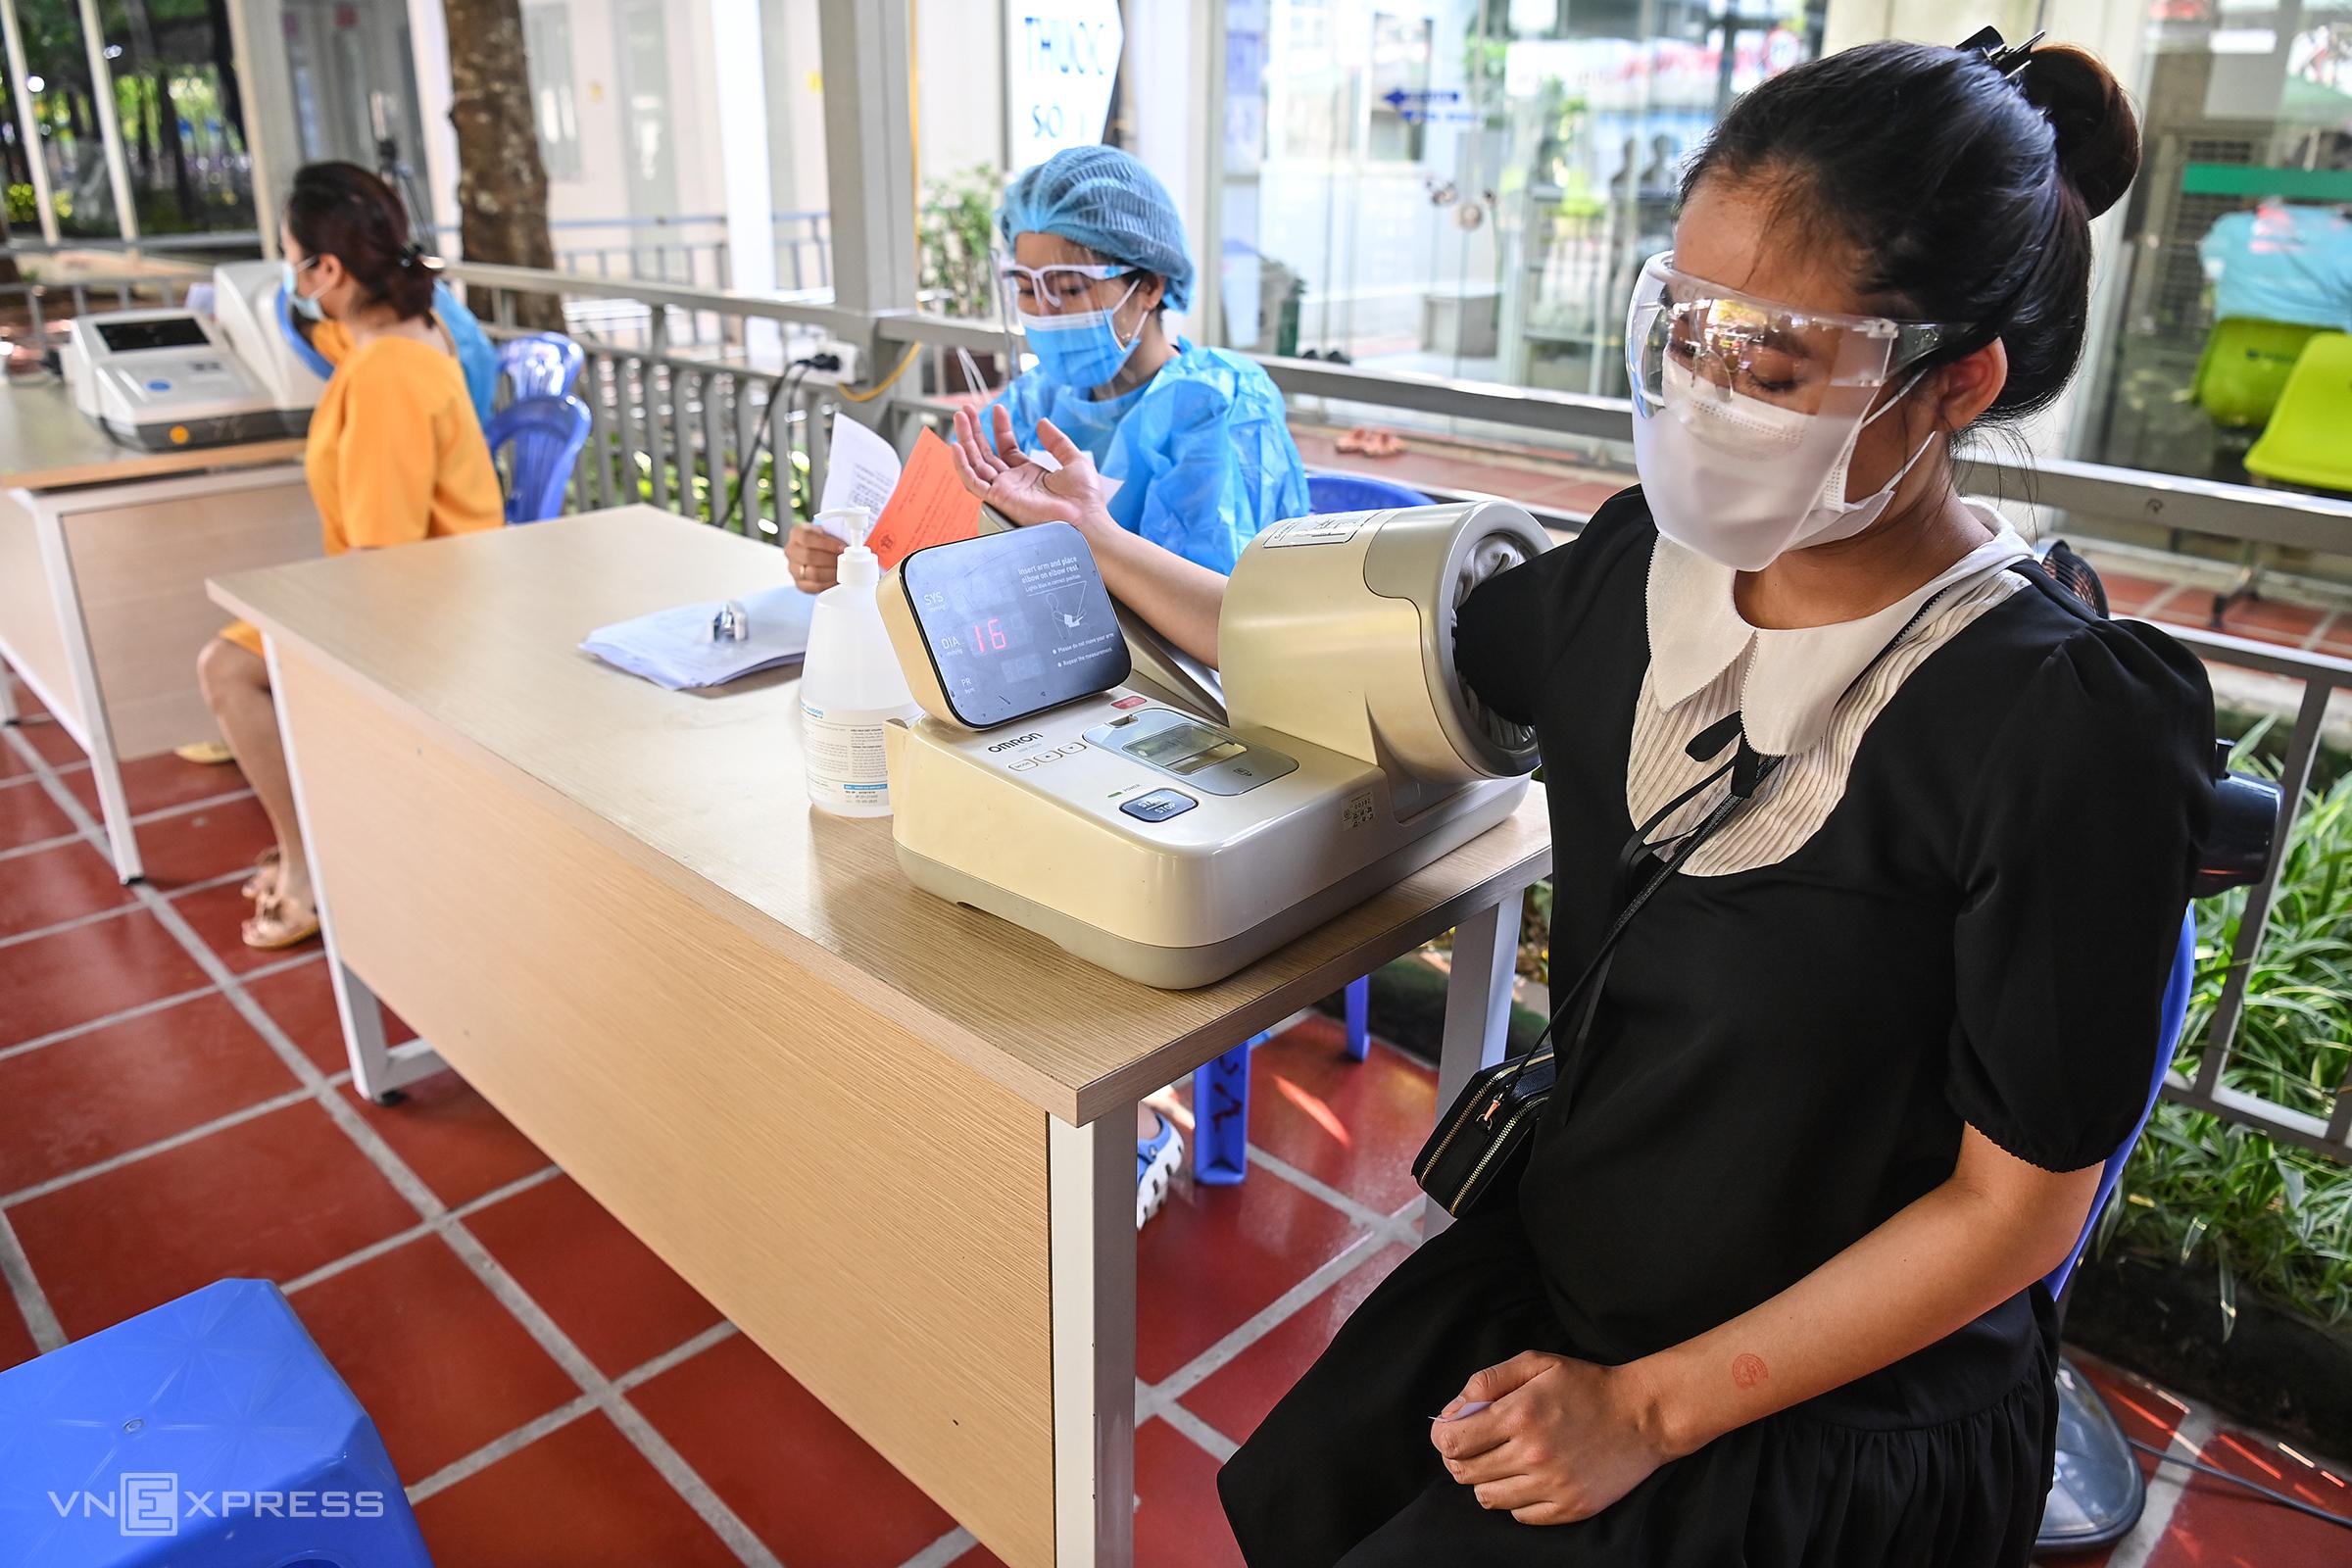 Sáng 11/9, một người dân được đo huyết áp, kiểm tra sức khỏe trước khi vào khu vực tiêm tại Bệnh viện Thanh Nhàn, quận Hoàng Mai. Ảnh: Giang Huy